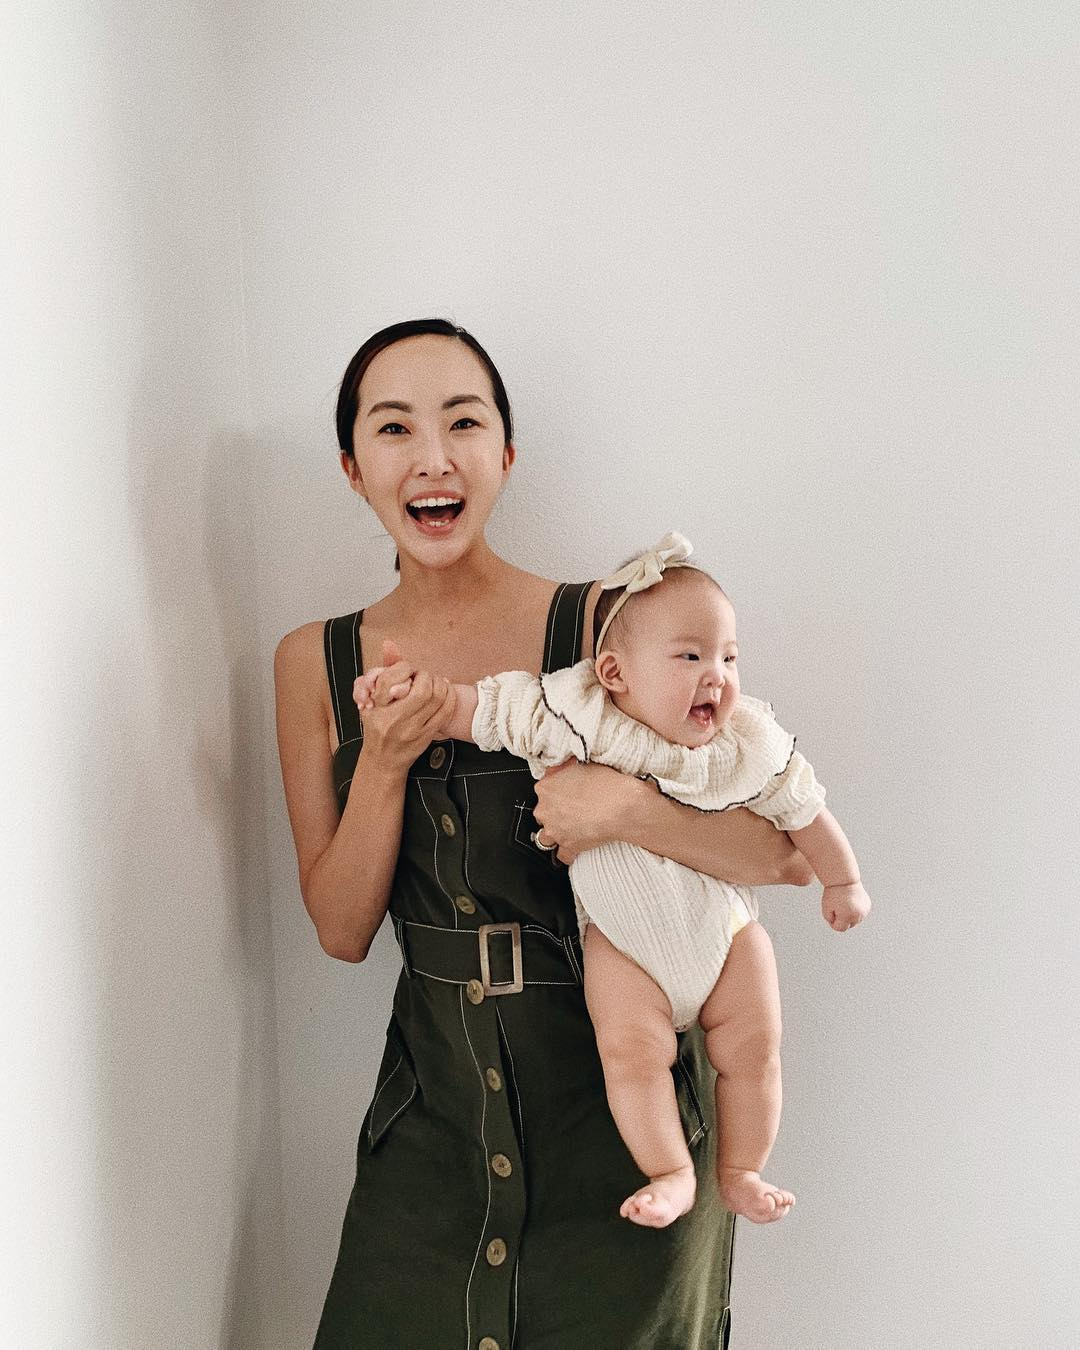 Chriselle Lim mặc trang phục ở nhà với áo đầm hai dây tối màu